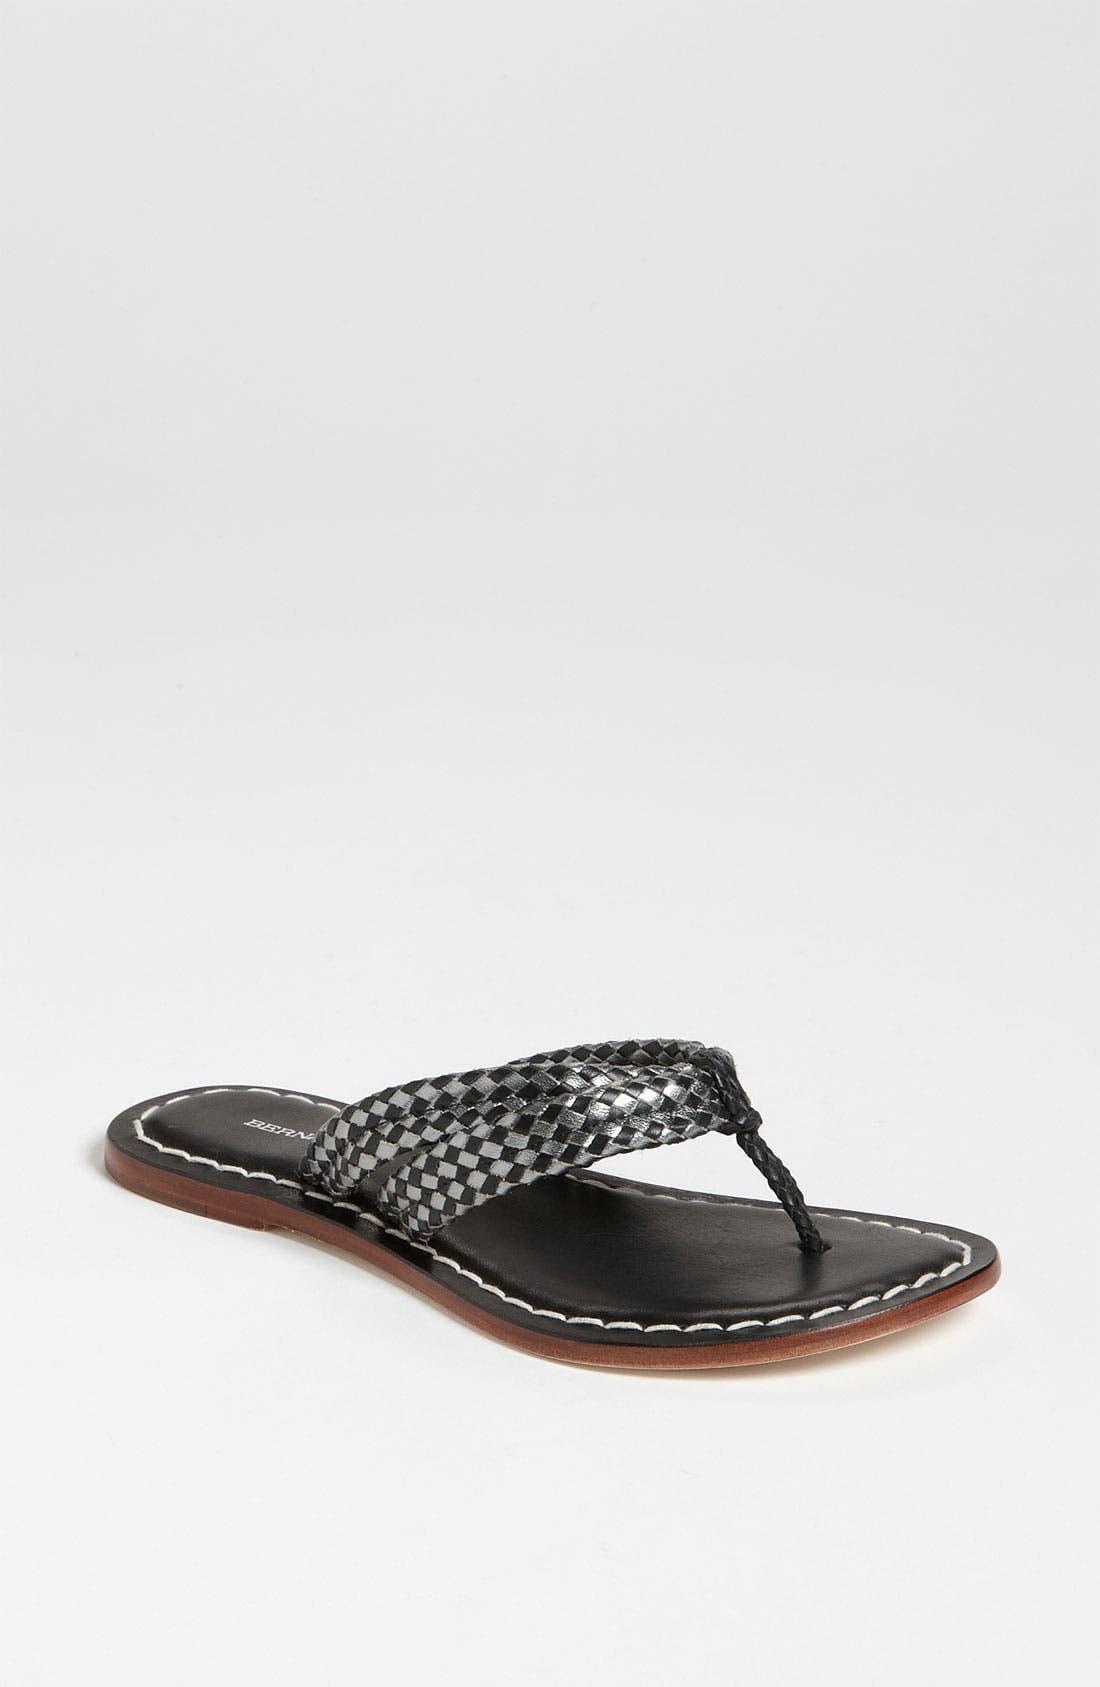 Alternate Image 1 Selected - Bernardo Footwear Miami Sandal